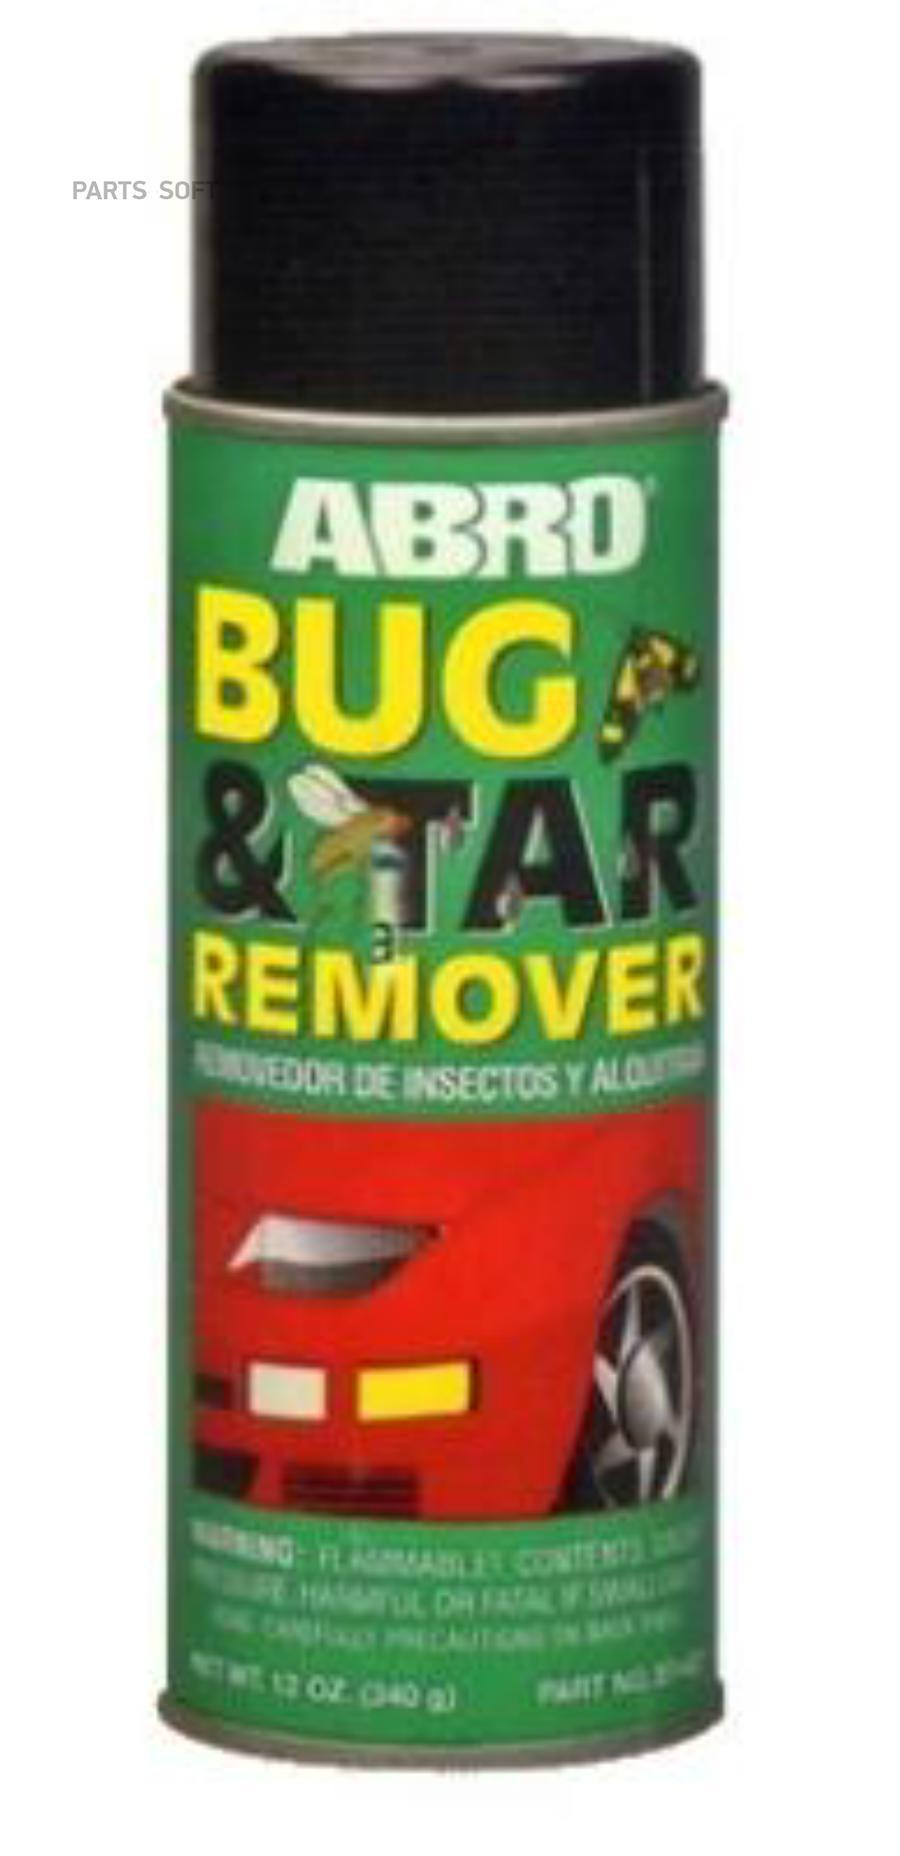 Очиститель насеком.и битума (аэроз.)/BT422